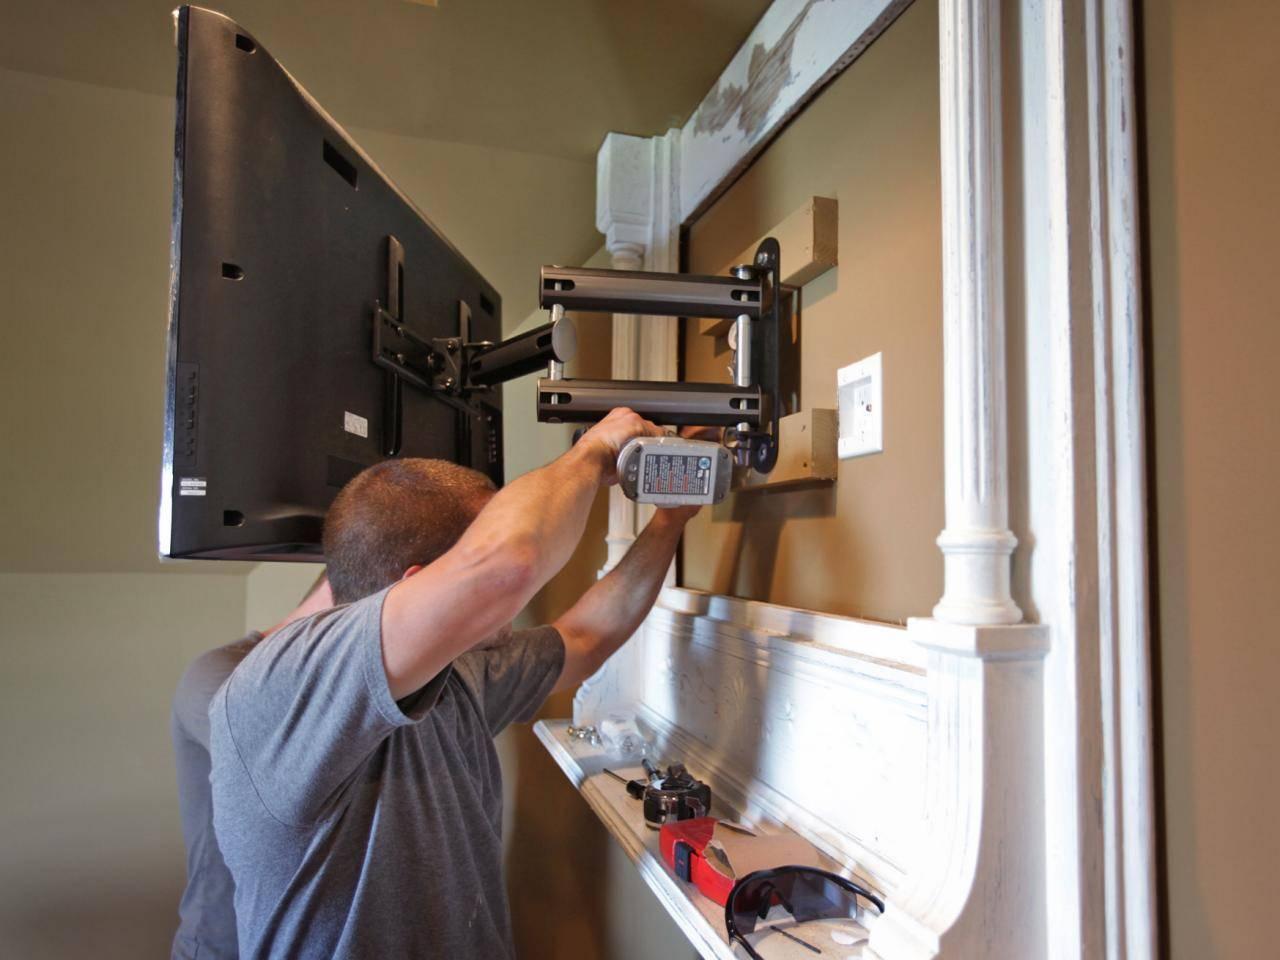 Как повесить телевизор на стену: советы по монтажу и размещению техники ⋆ строю дом